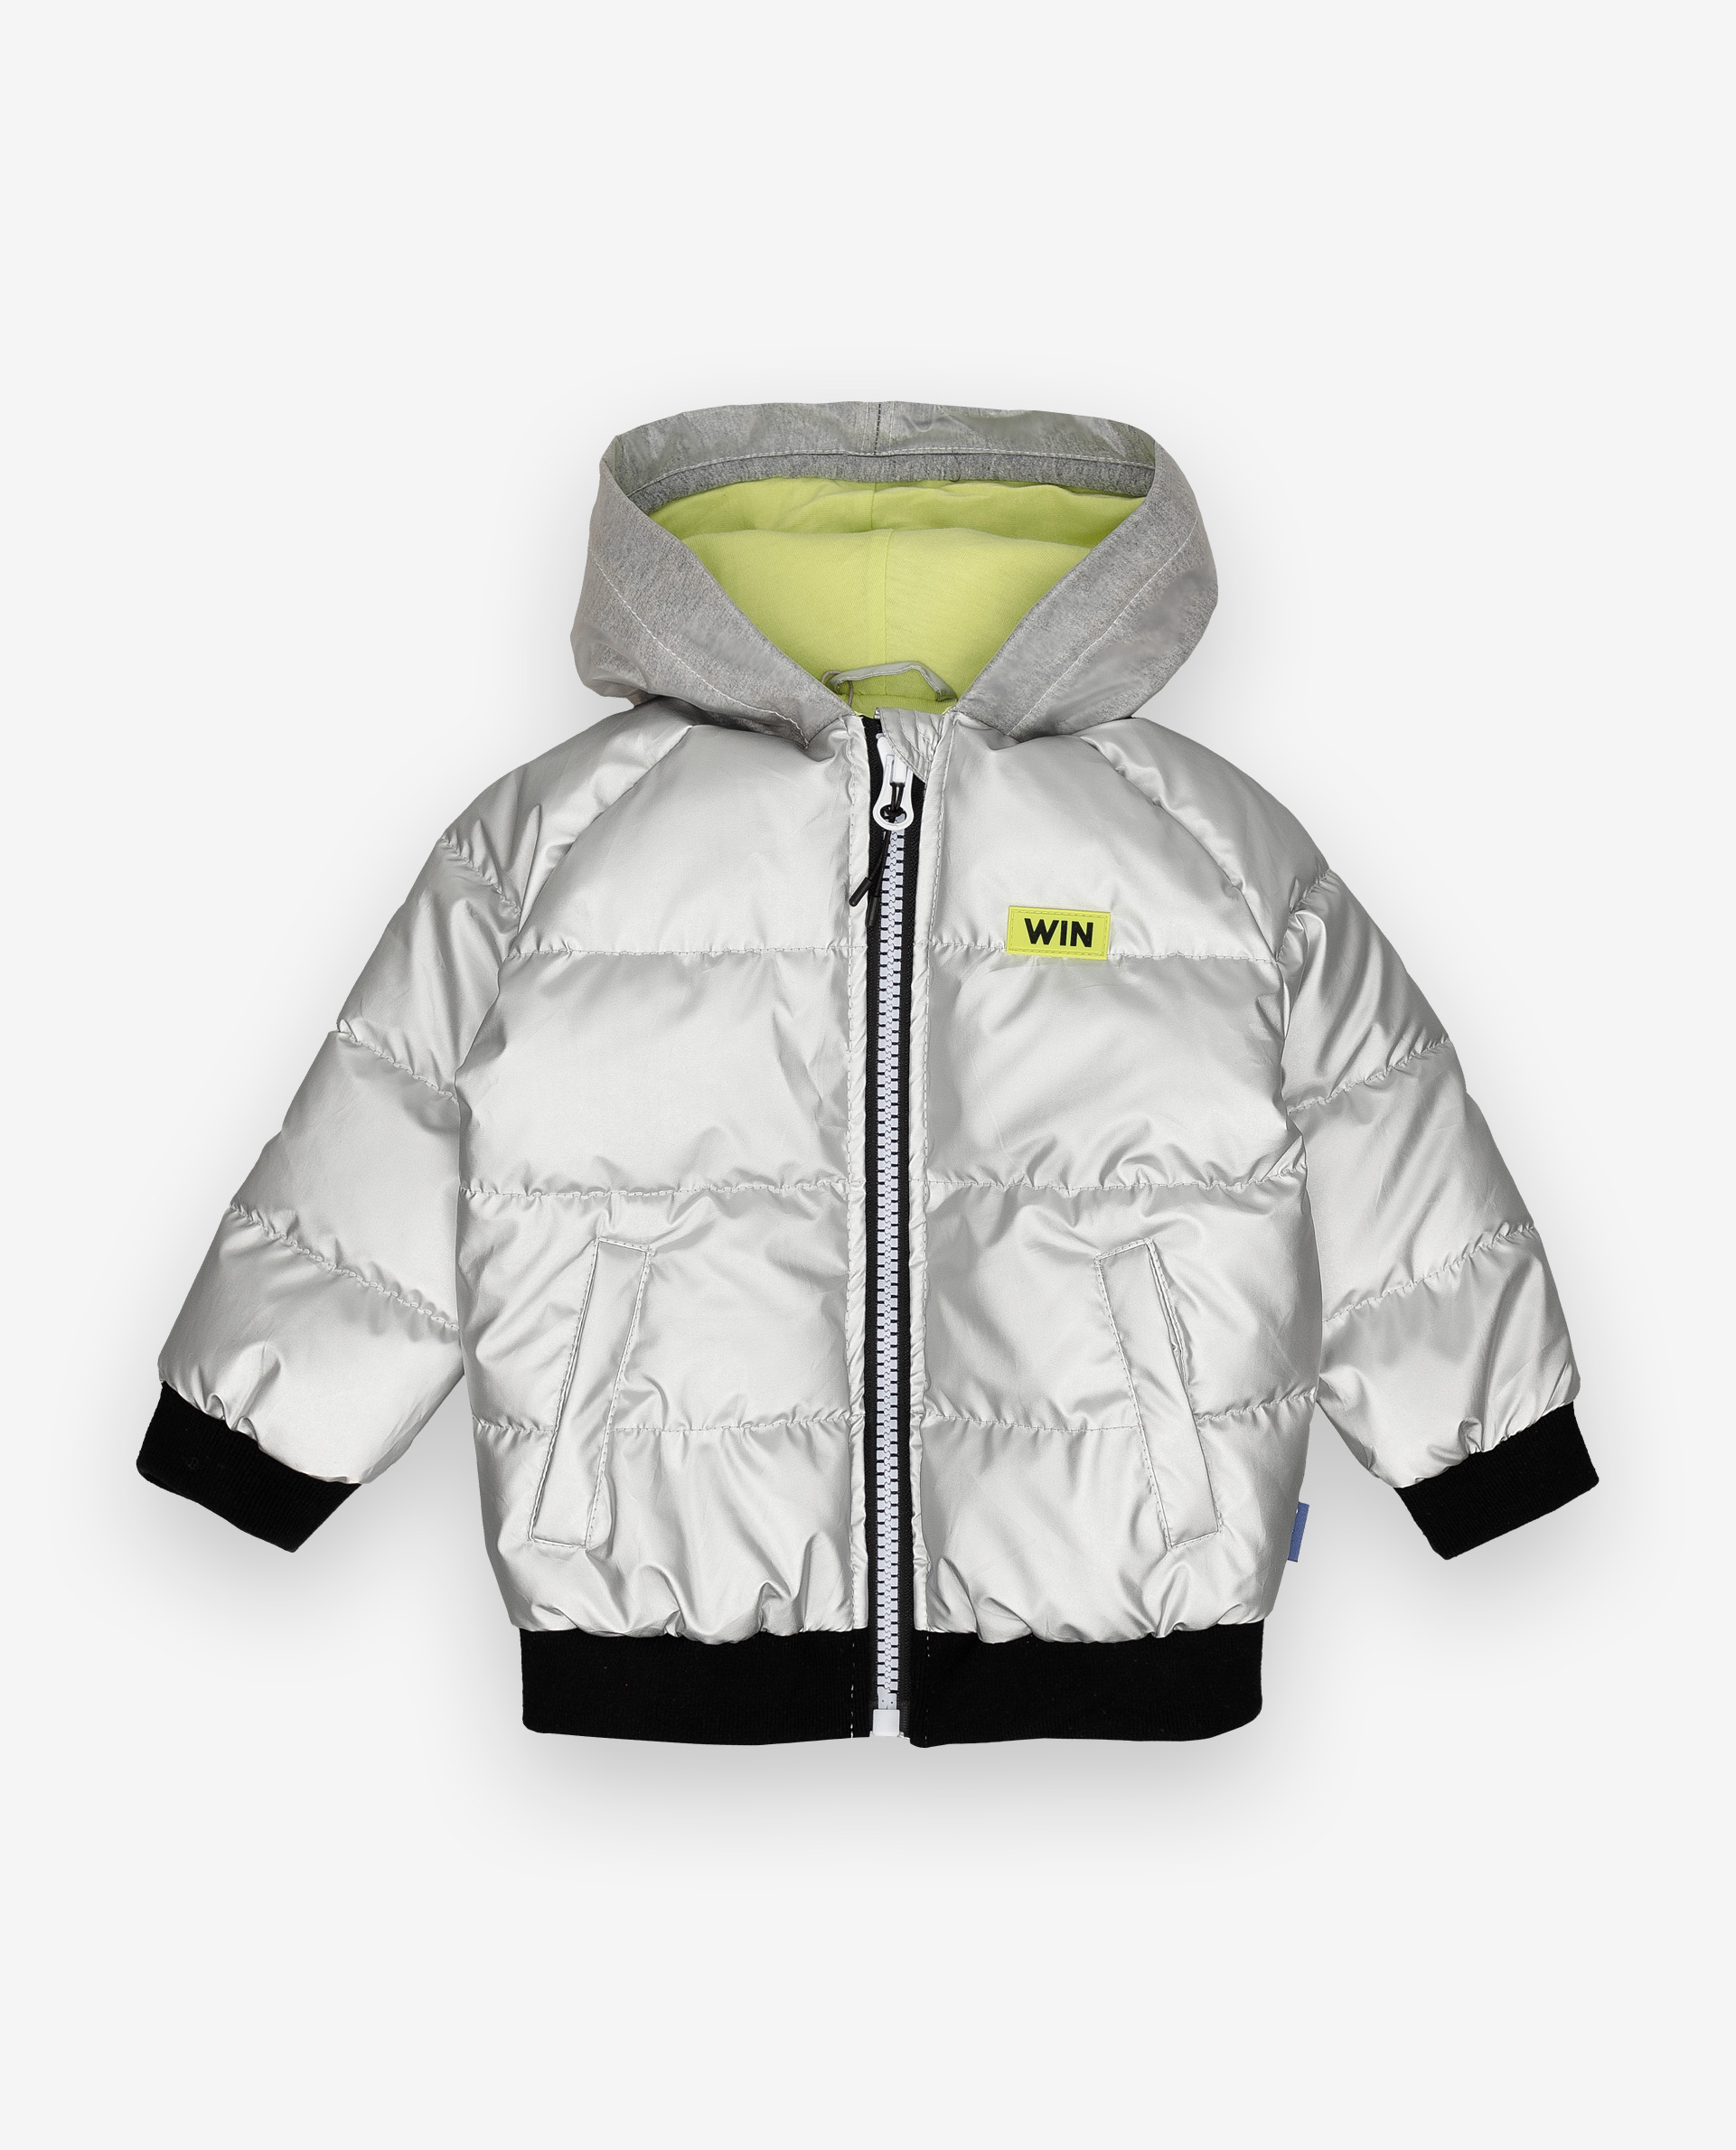 Купить 12034BBC4102, Серебристая демисезонная куртка Gulliver, Gulliver Baby, серебряный, 74, Мужской, ОСЕНЬ/ЗИМА 2020-2021 (shop: GulliverMarket Gulliver Market)